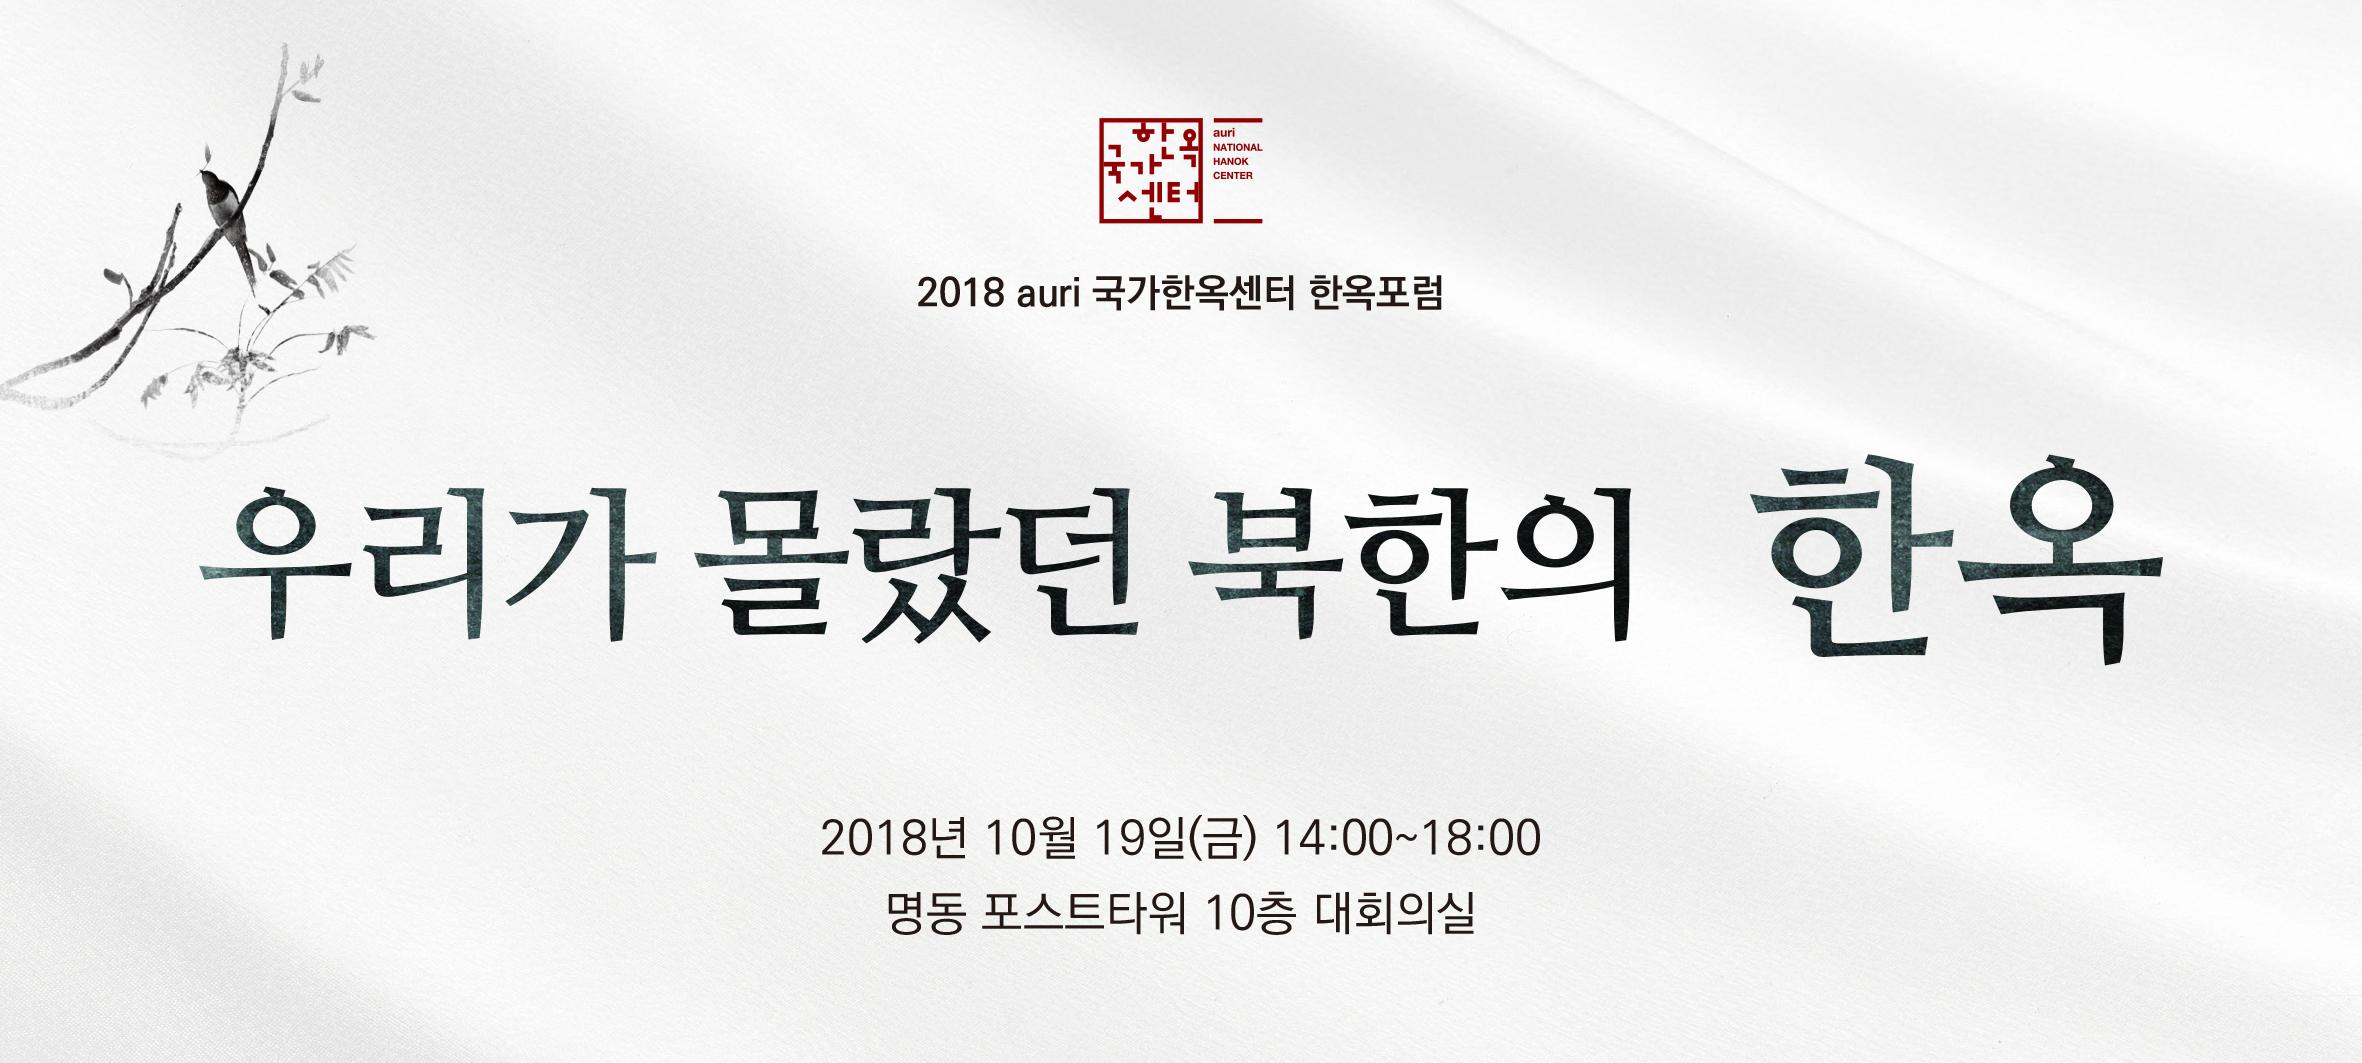 [붙임1-1] 2018 한옥포럼 롤링배너_200x90.jpg